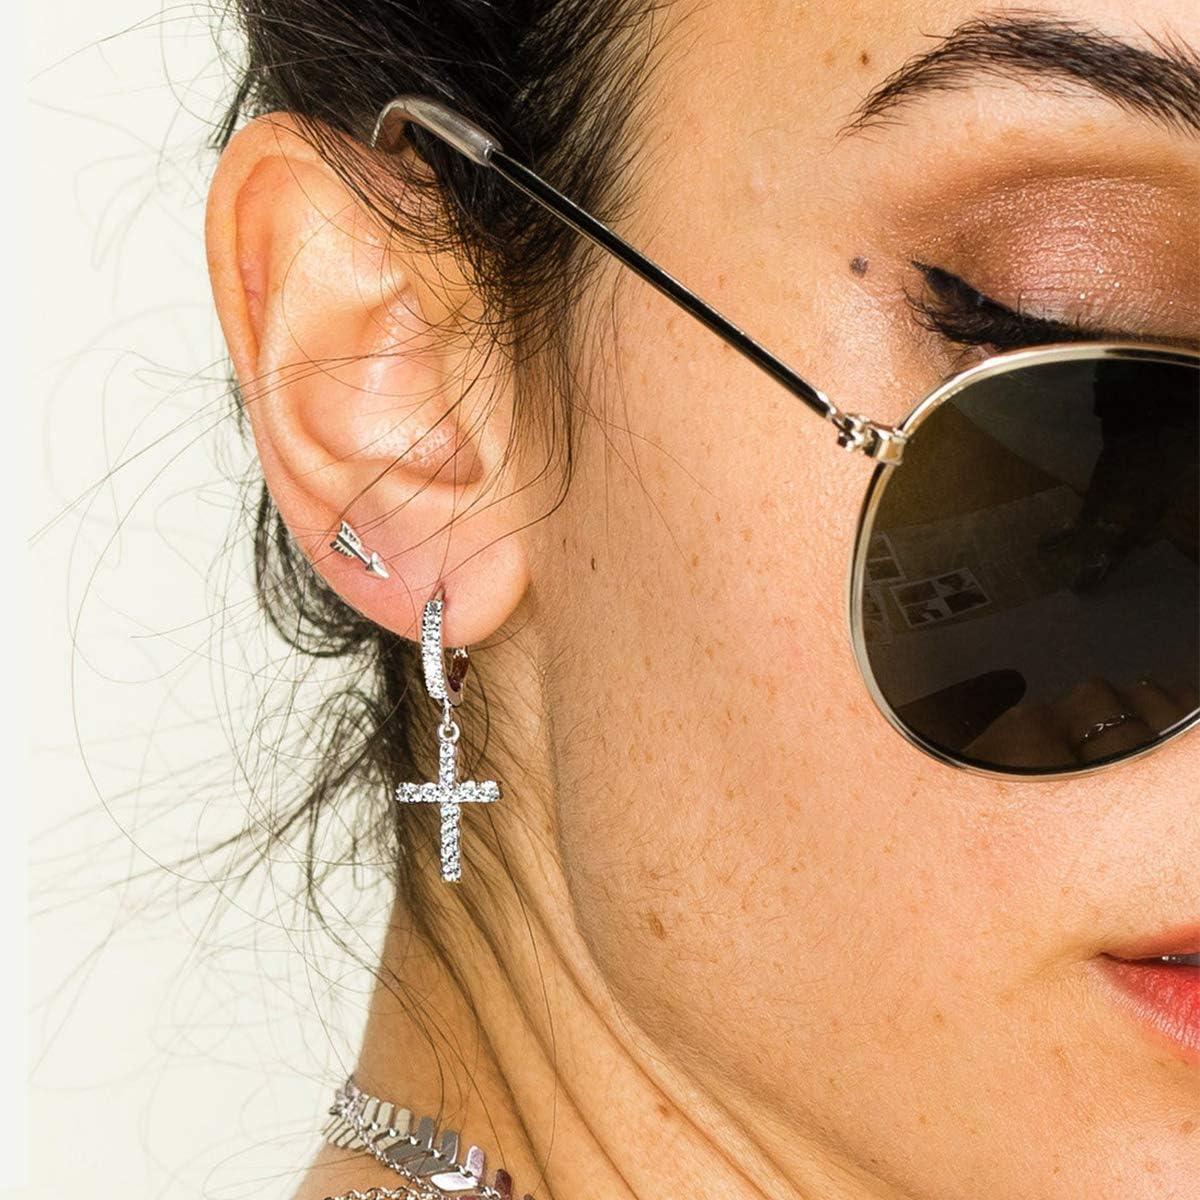 14K Gold/ Silver/ Rose Gold Plated Huggie Earrings CZ Tiny Small Hoop Earrings Heart Cross Ear Cuff Initial Huggies Earrings Minimal Jewelry for Women Girls